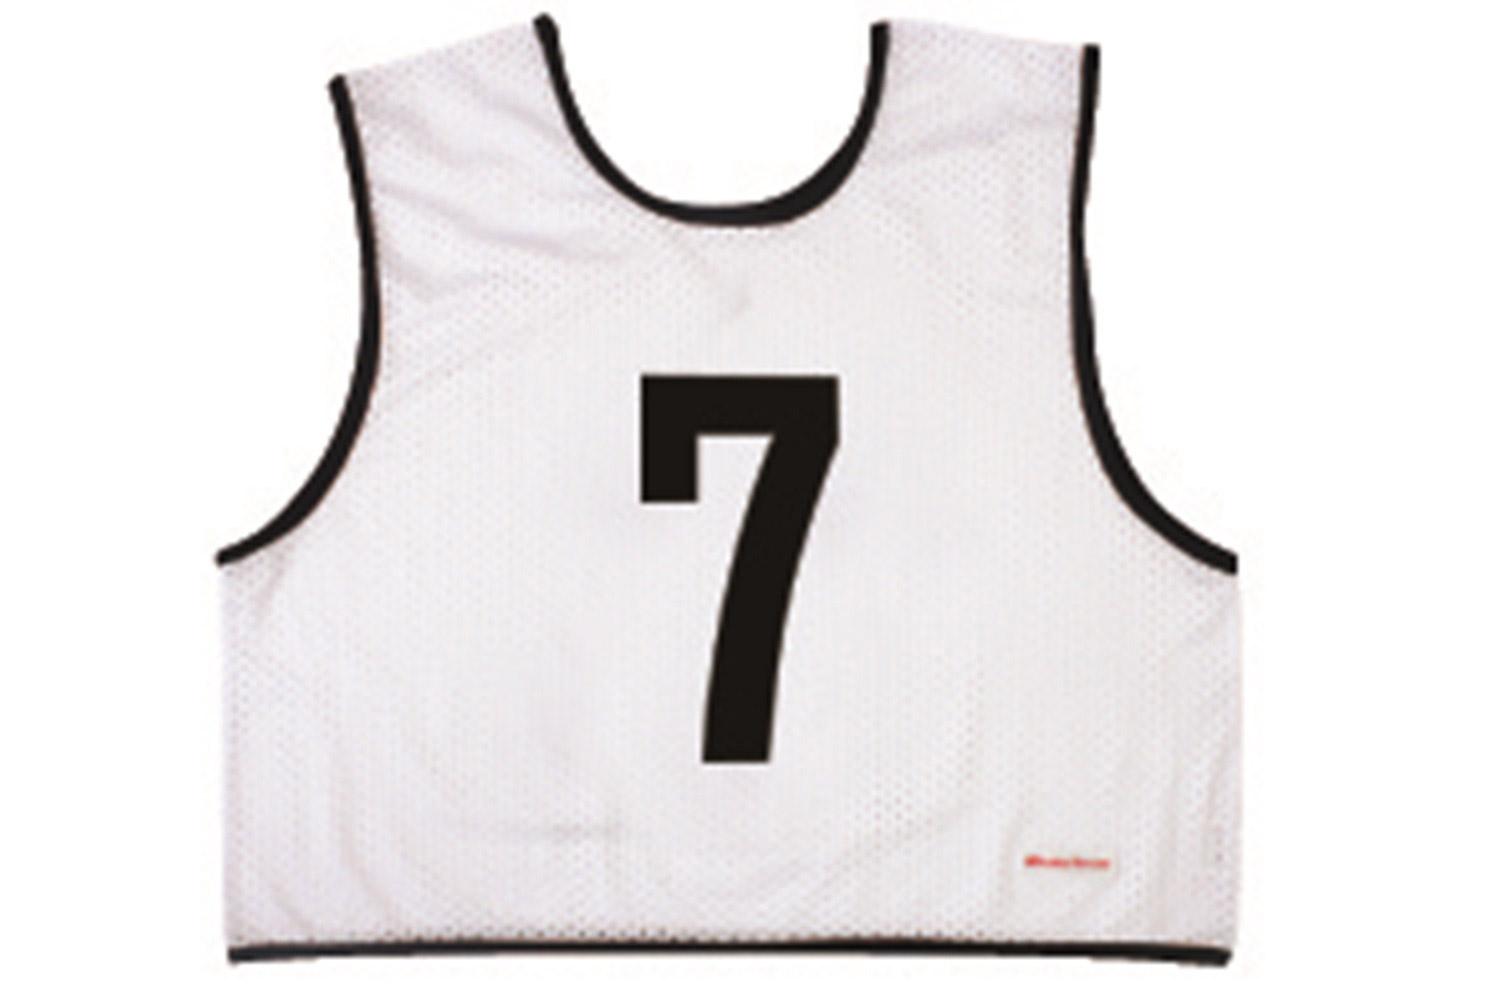 楽天 【MIKASA】ミカサ 10枚セット ゲームジャケット ハーフタイプ 10枚セット イエロー/レッド/ブルー/ネイビーブルー/グリーン/ブラックgjh10-w-lp ハーフタイプ 02P03Sep16, カシマシ:3622a6f0 --- rekishiwales.club